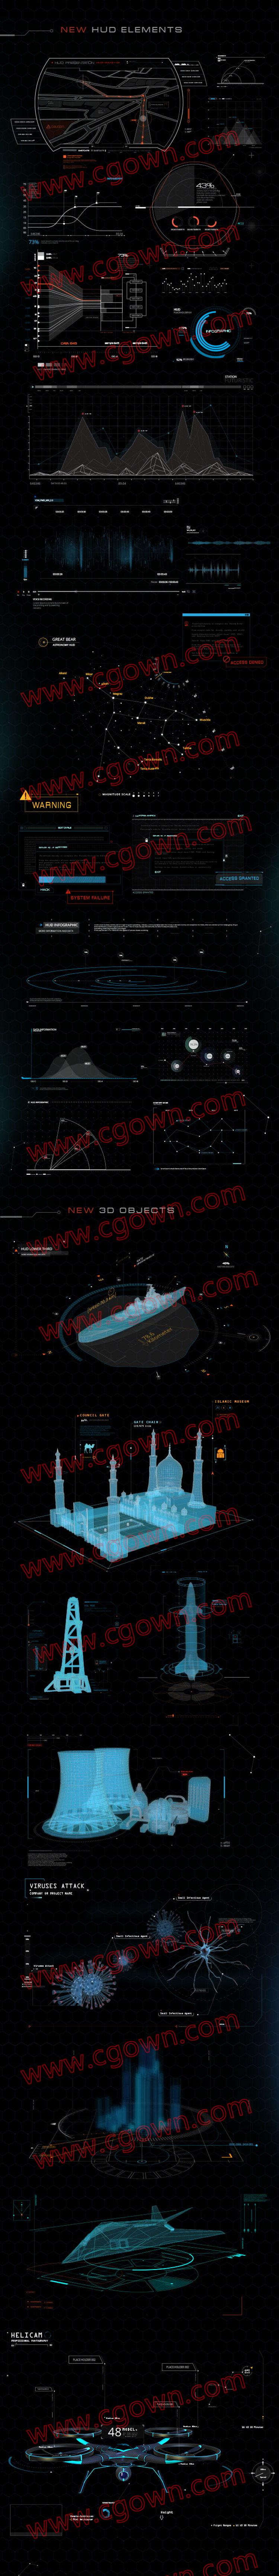 AE扩展脚本高科技军事信息化HUD动态UI元素科幻技术全息图表